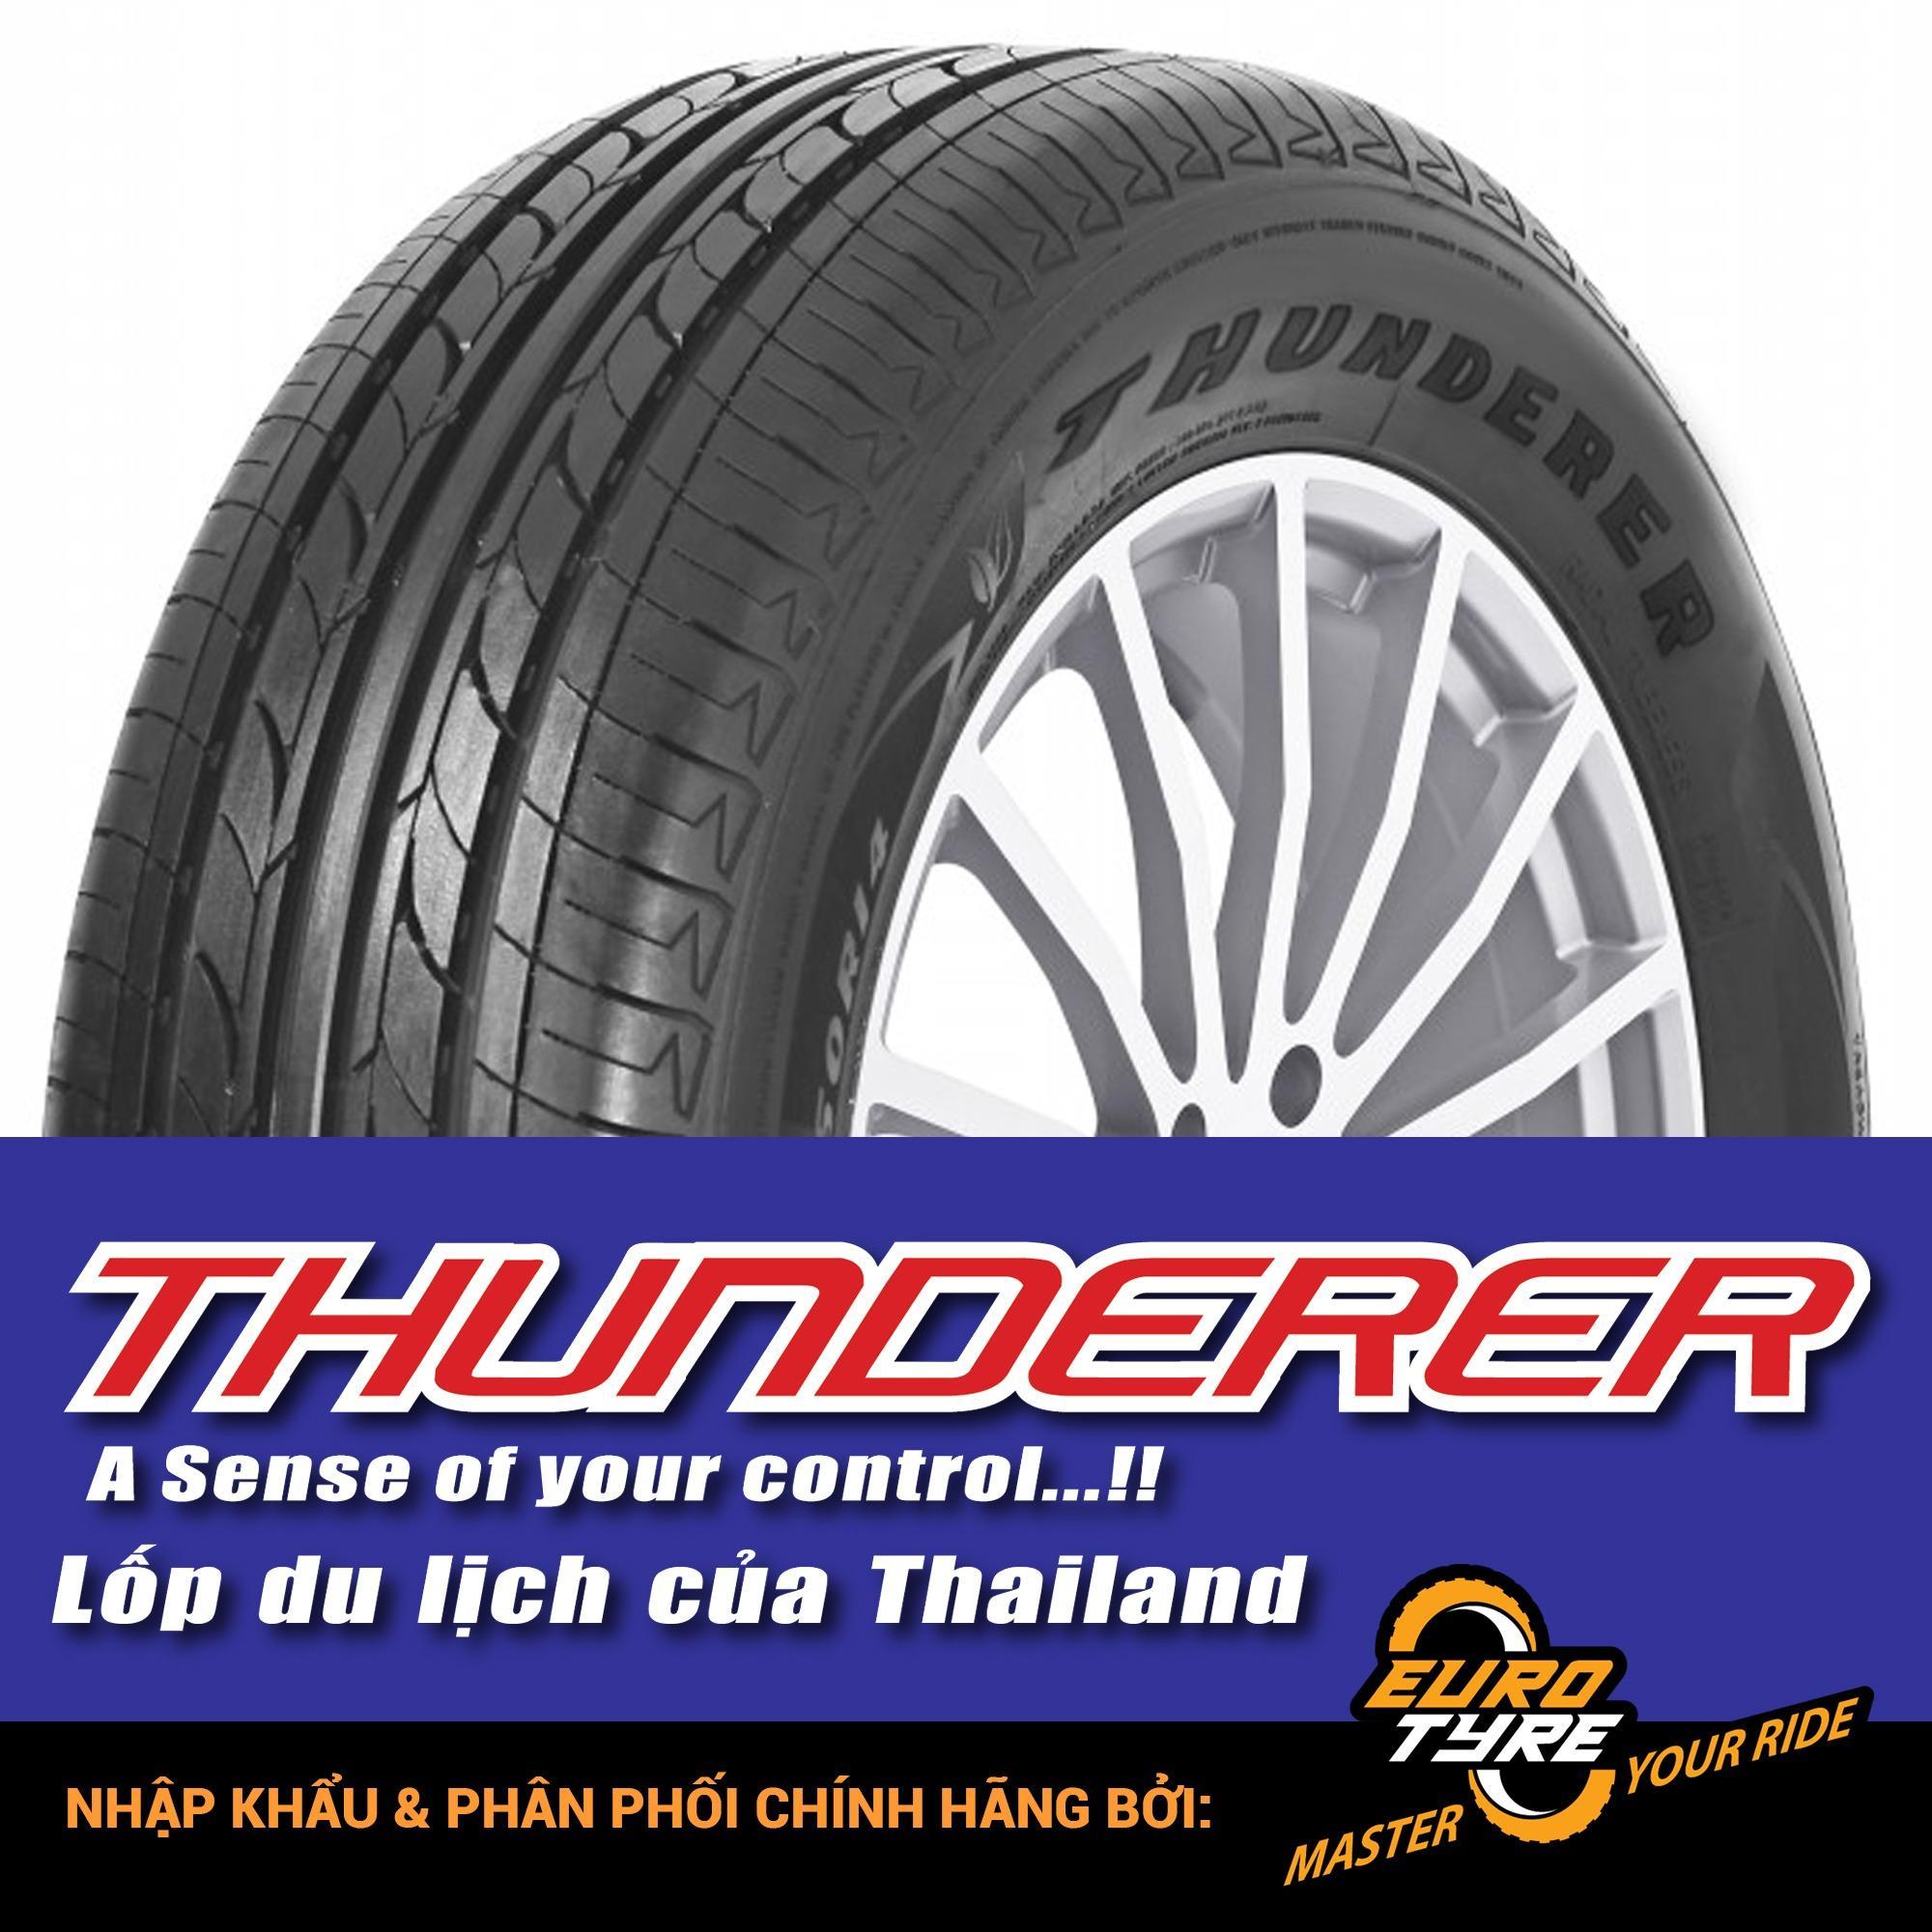 Mua Thay Lốp Vỏ Xe Oto 165 65R14 79T R203 Thunderer Chinh Hang Cho Xe Hyundai Grand I10 Rẻ